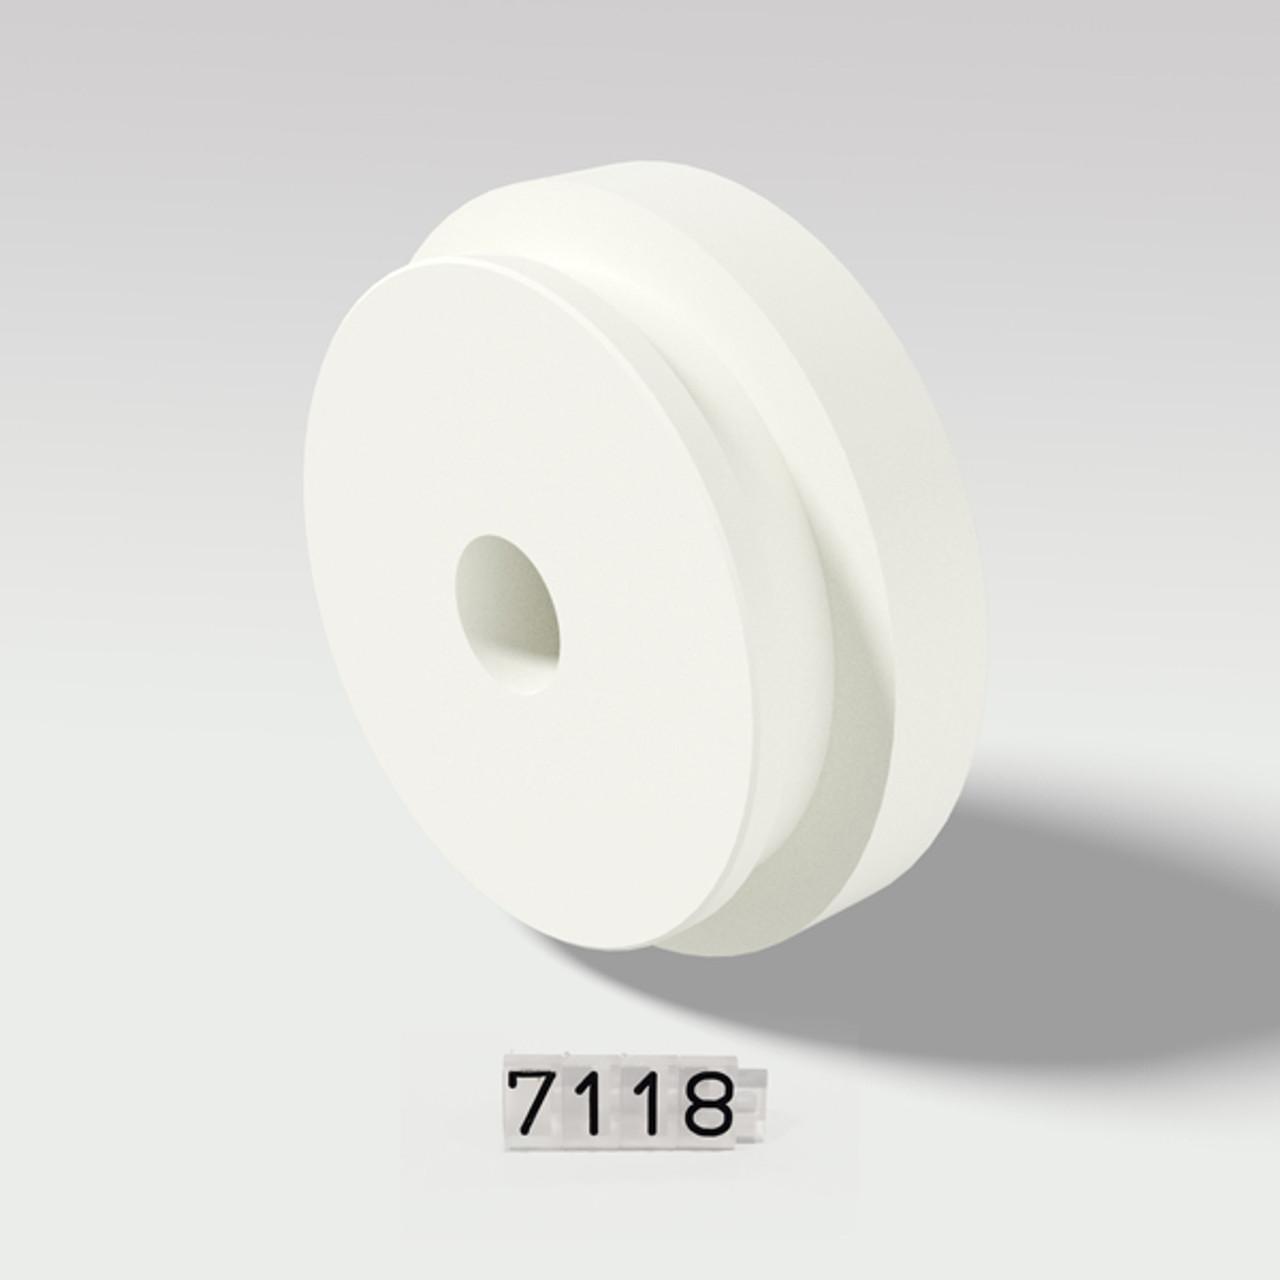 Talsa PH500 & PF500 - Portion Device Piston White Plastic - 7118